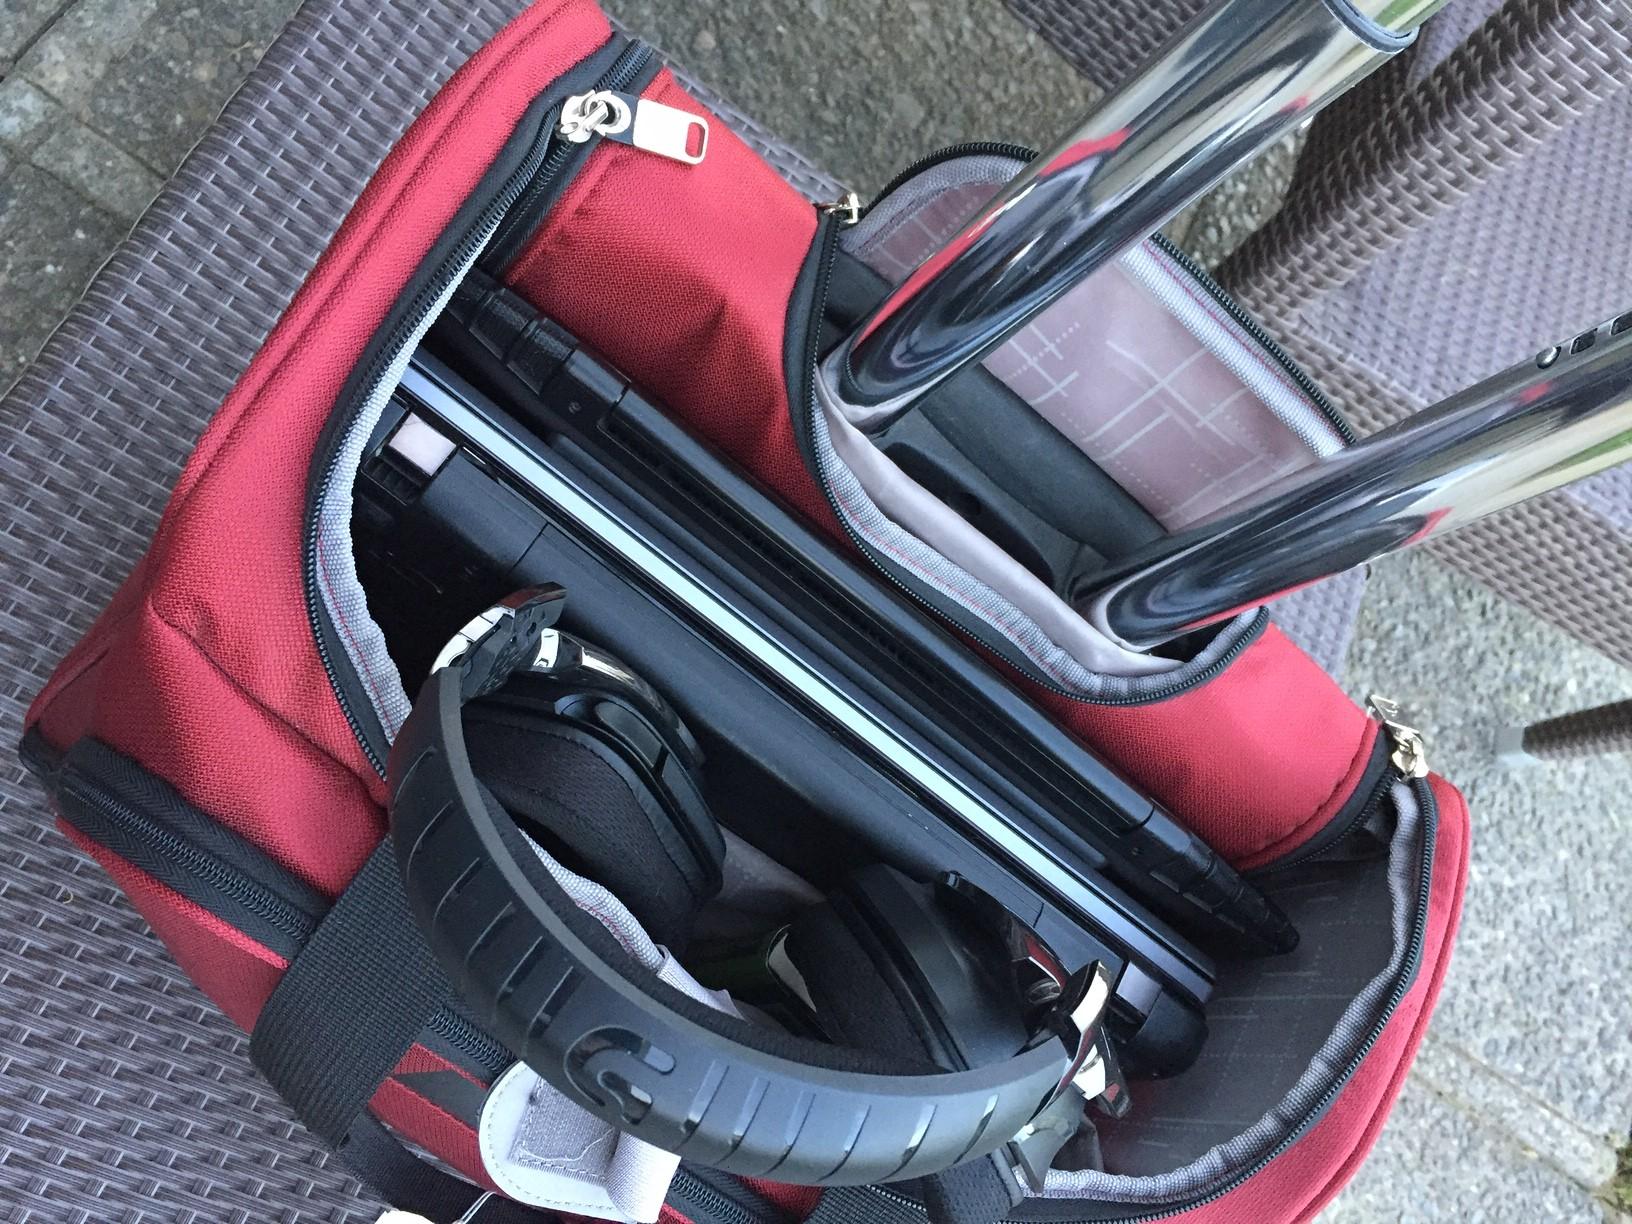 portable-atm-suitcase